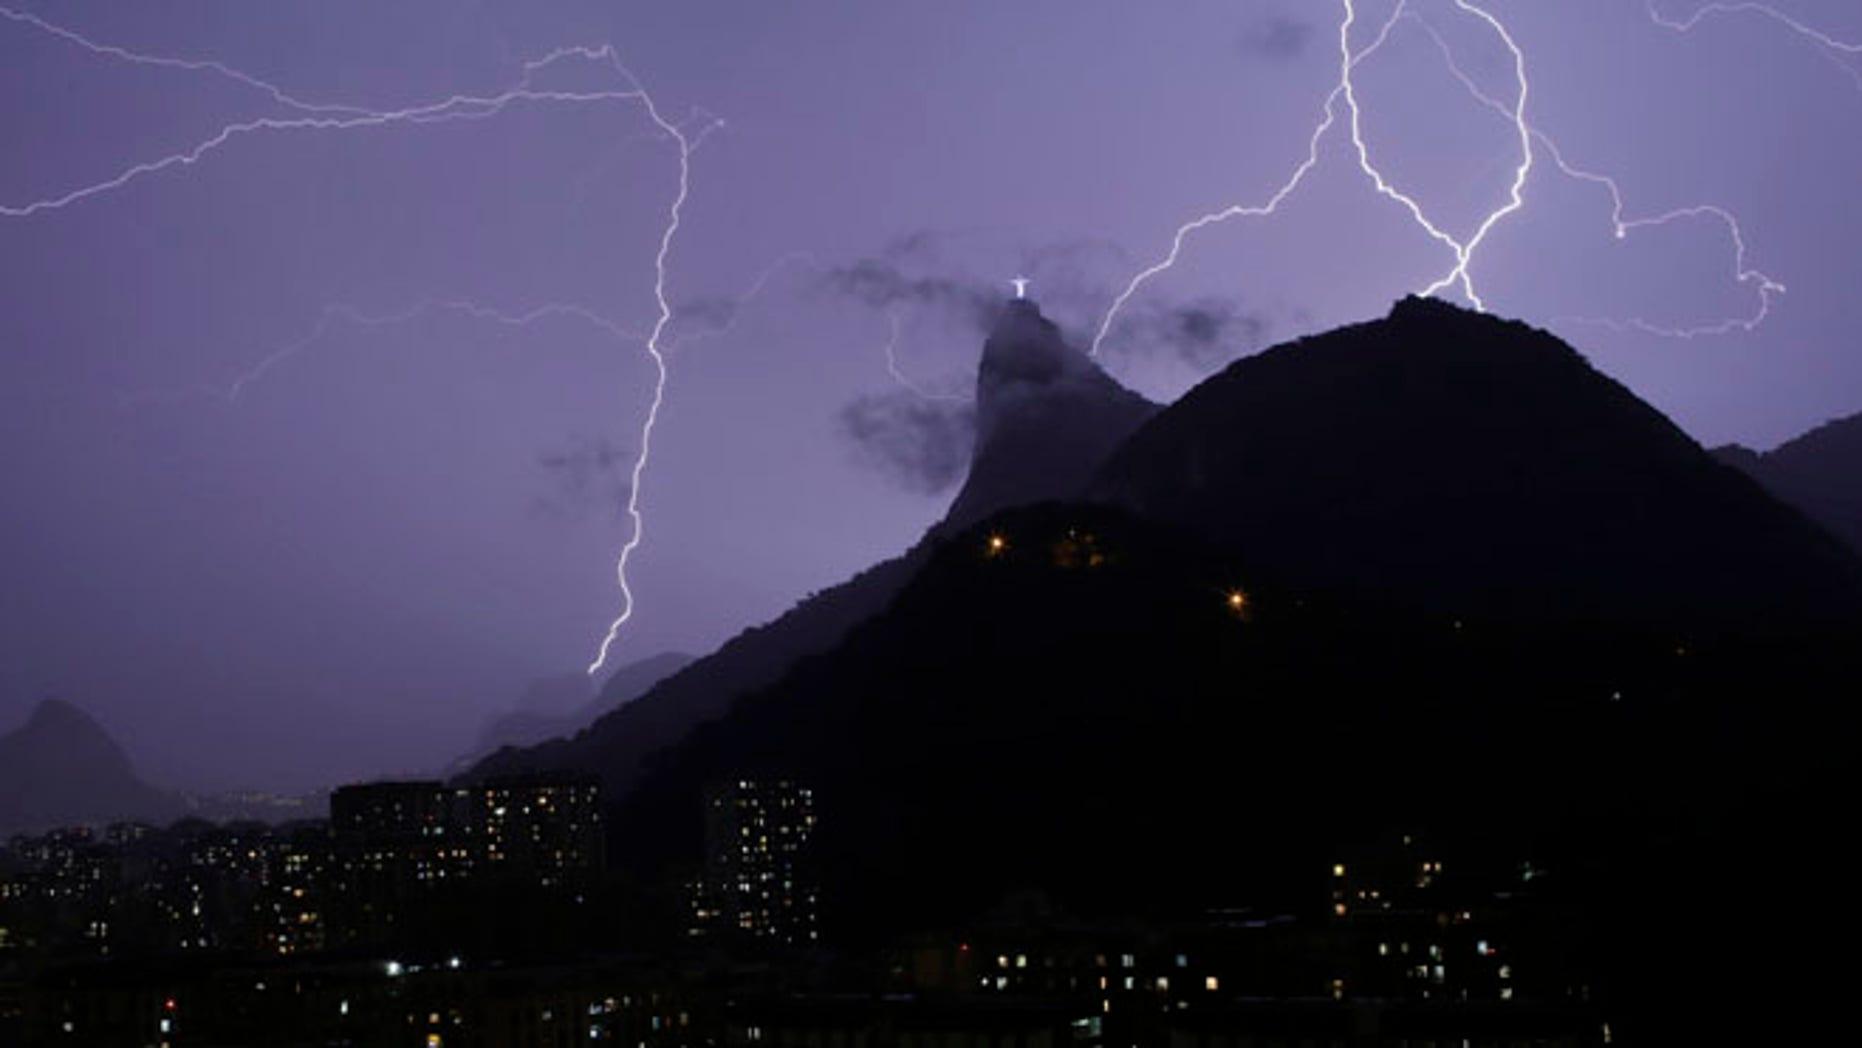 Jan. 16, 2014: Lightning bolts strike through the sky near Christ the Redeemer statue in Rio de Janeiro, Brazil.